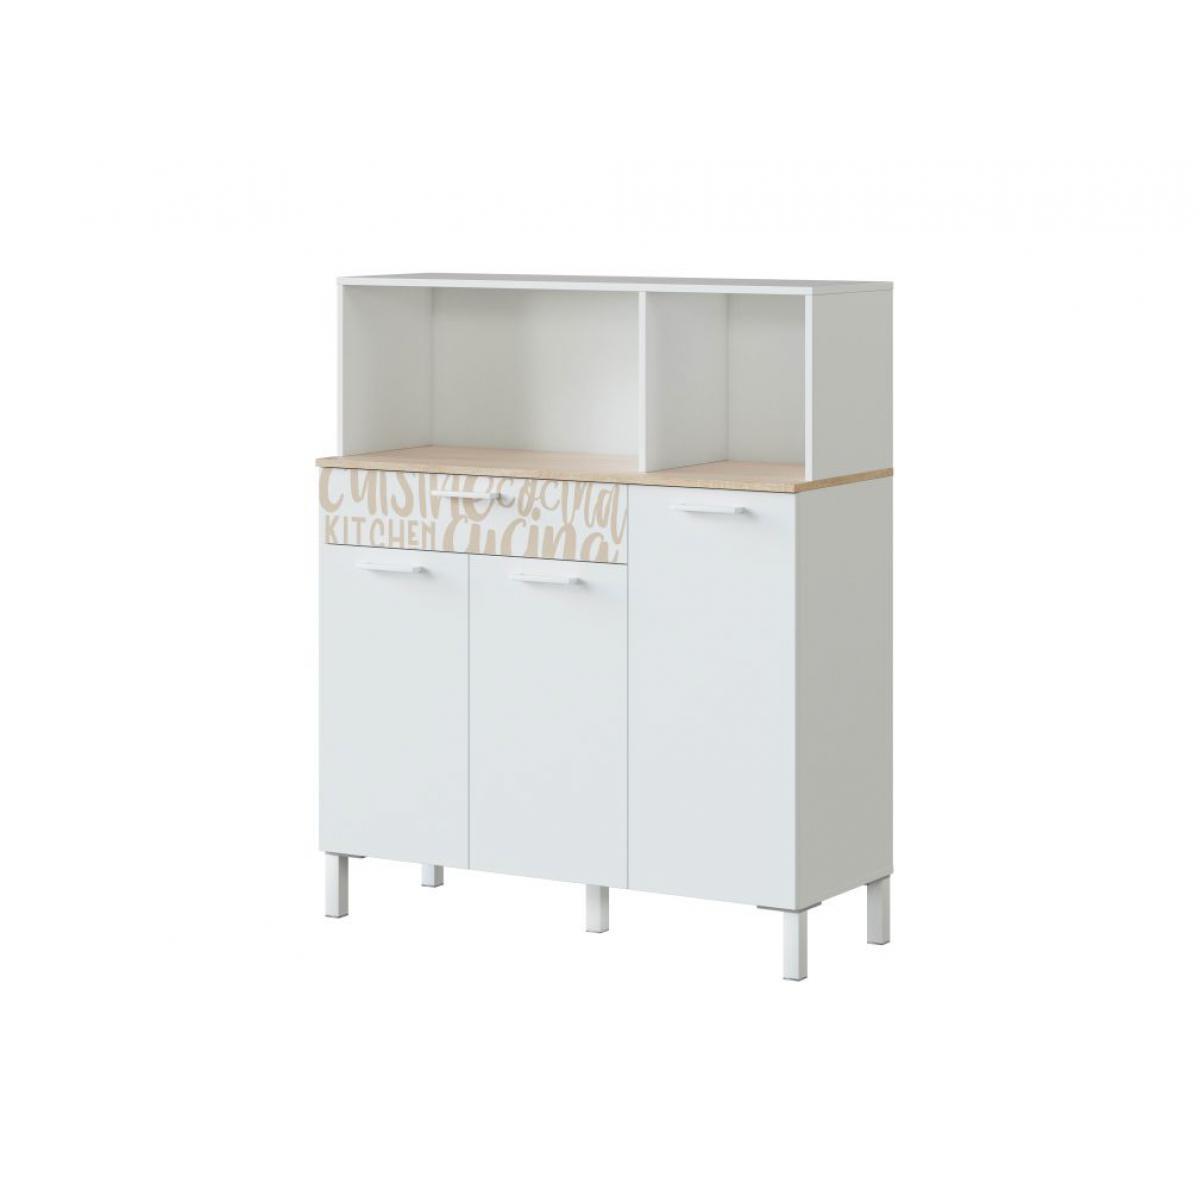 Usinestreet Buffet de cuisine ÉMILE 3 portes et 1 tiroir L108 x H126cm - Blanc / Bois motif